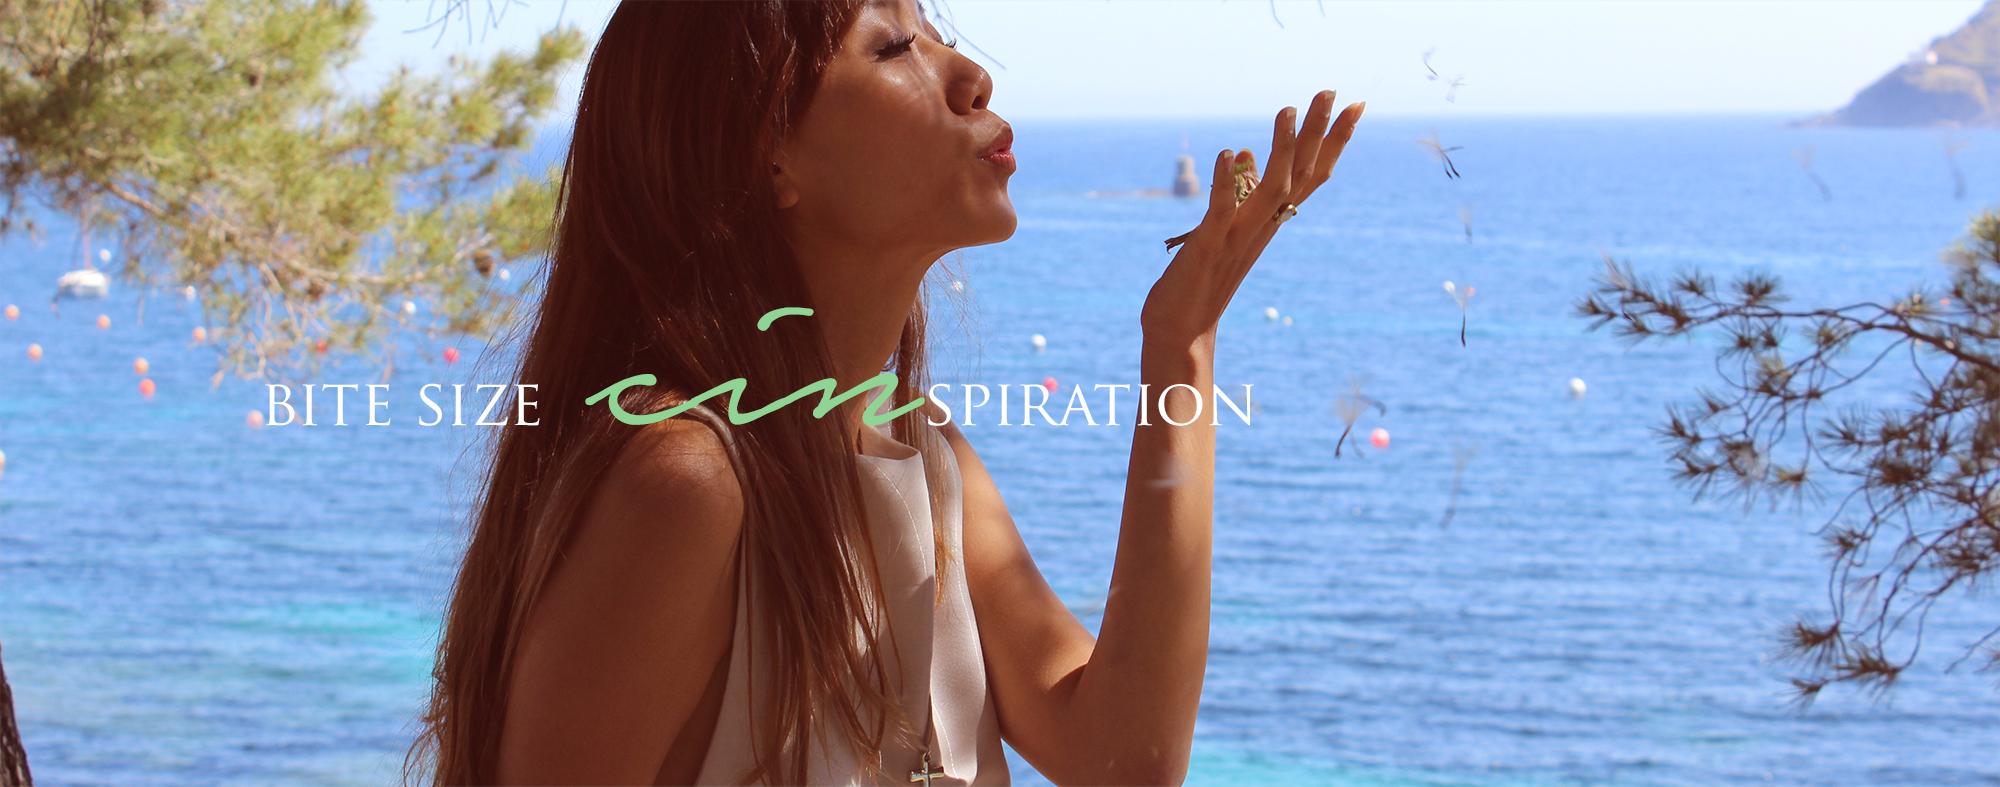 cinspiration